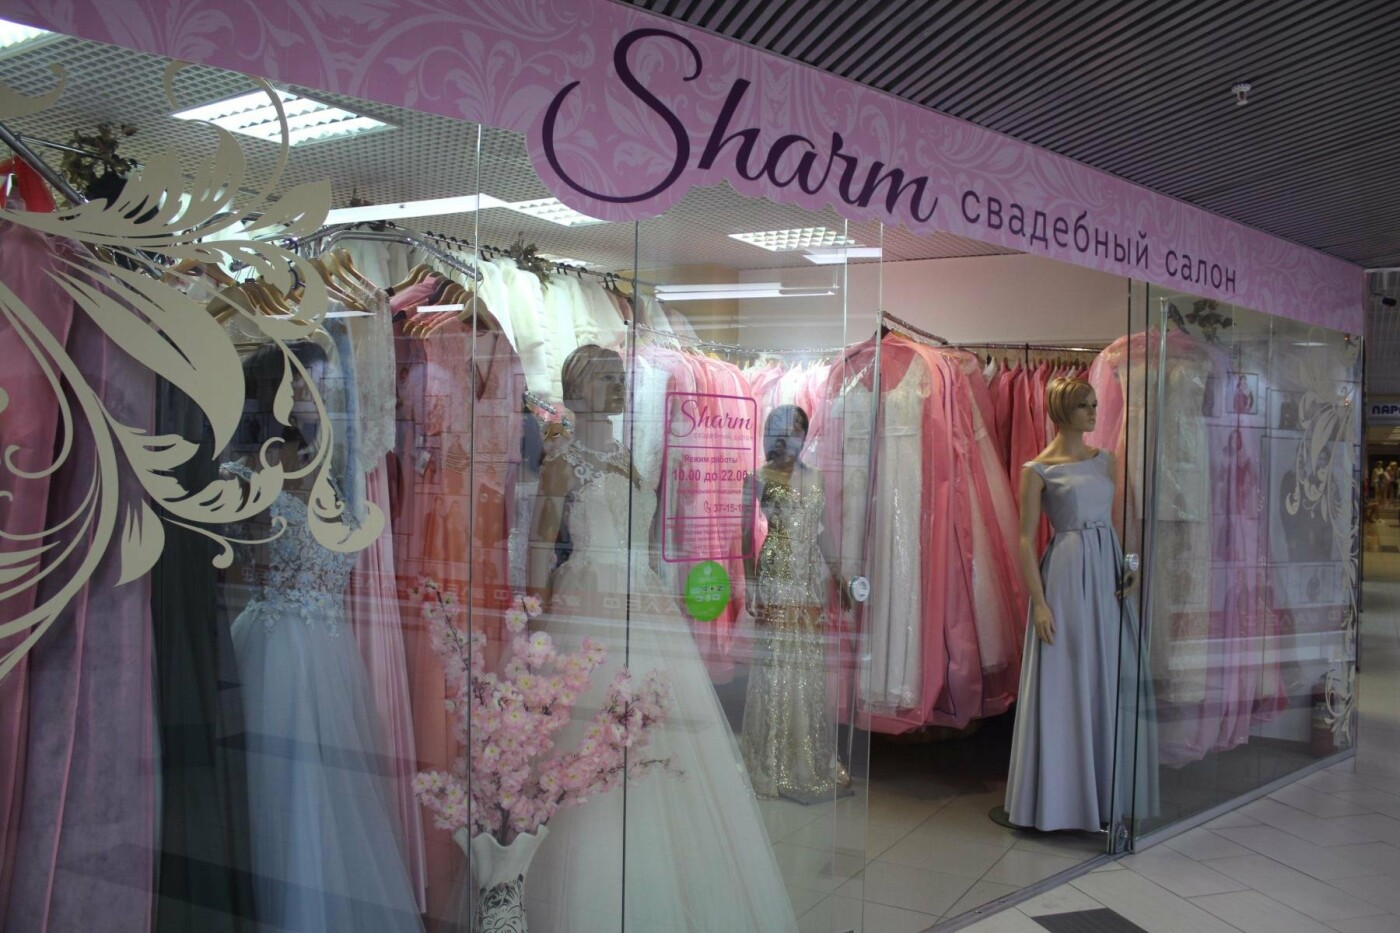 Выбираем платье мечты. Семь важных советов для будущей невесты, фото-13